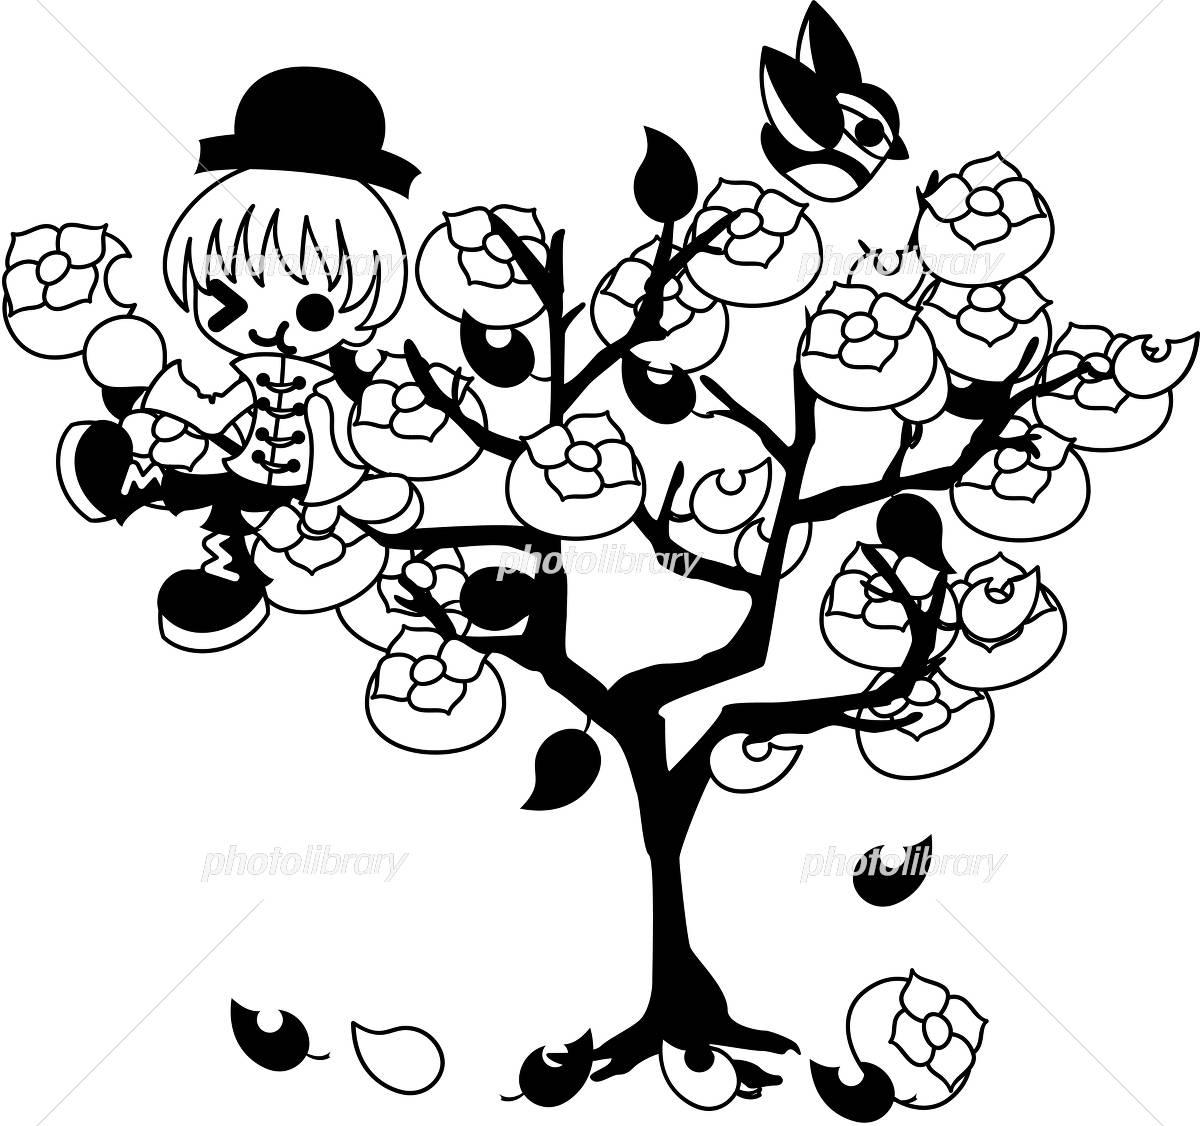 リンゴの木 白黒 イラスト Szo0355 Fotosearch